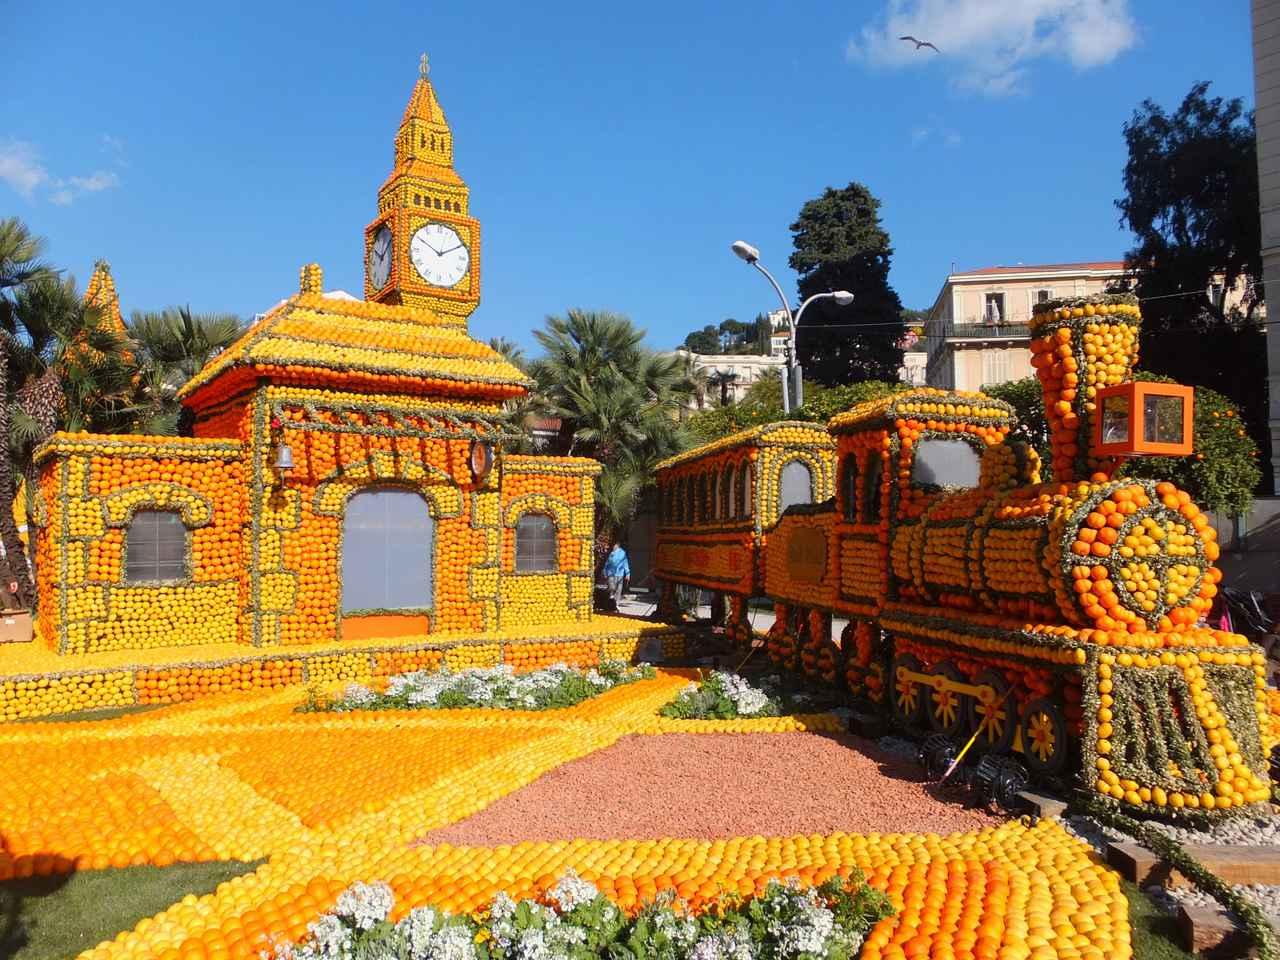 画像1: マントンのレモン祭り/イメージ